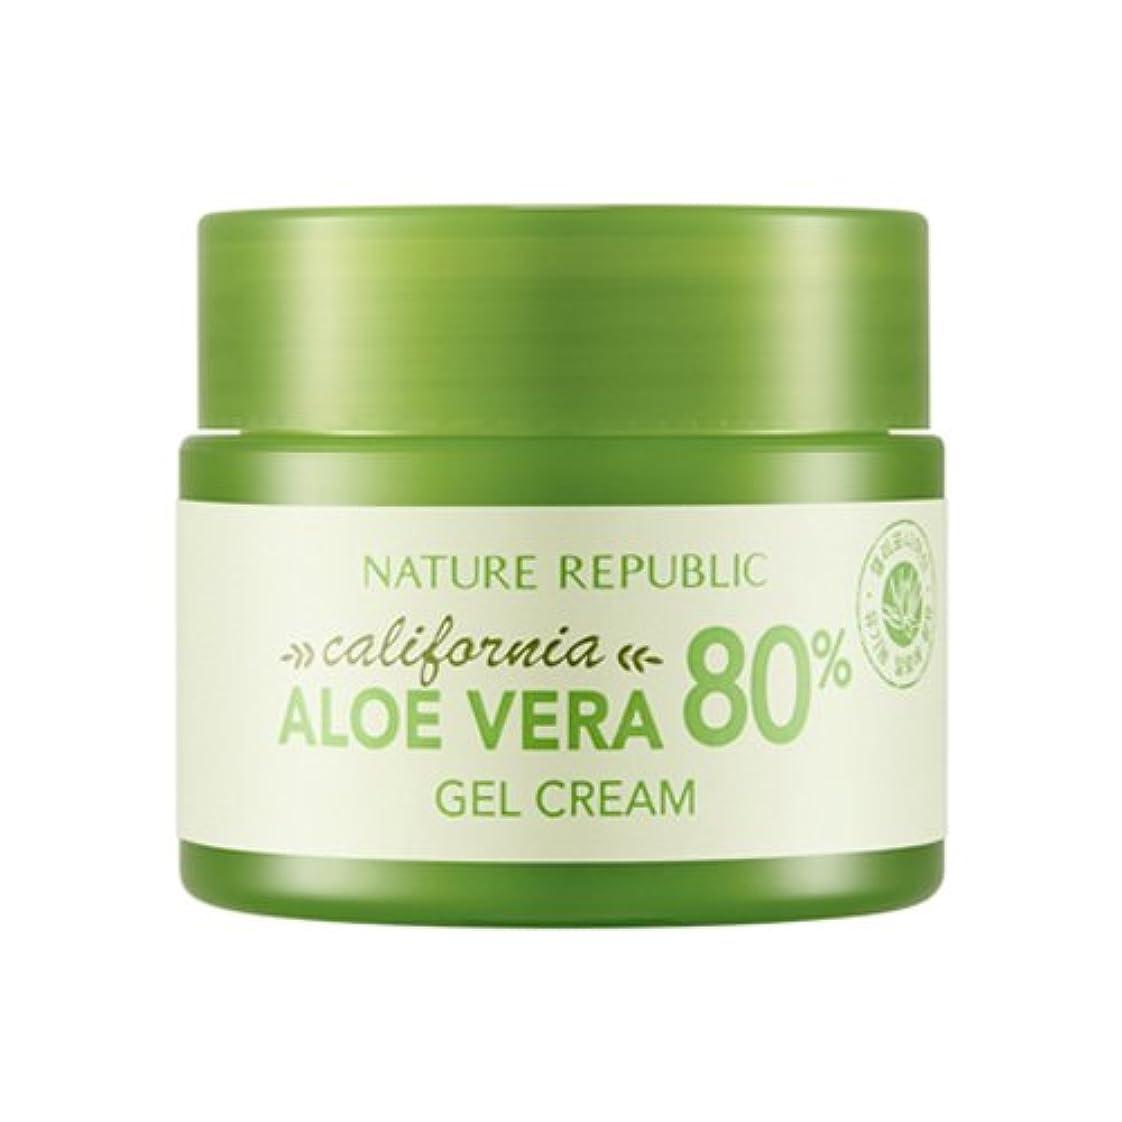 ドア眠いです自転車[ネイチャーリパブリック] Nature Republic カリフォルニアアロエベラ80%のゲルクリーム California Aloe Vera 80% Gel Cream [並行輸入品]